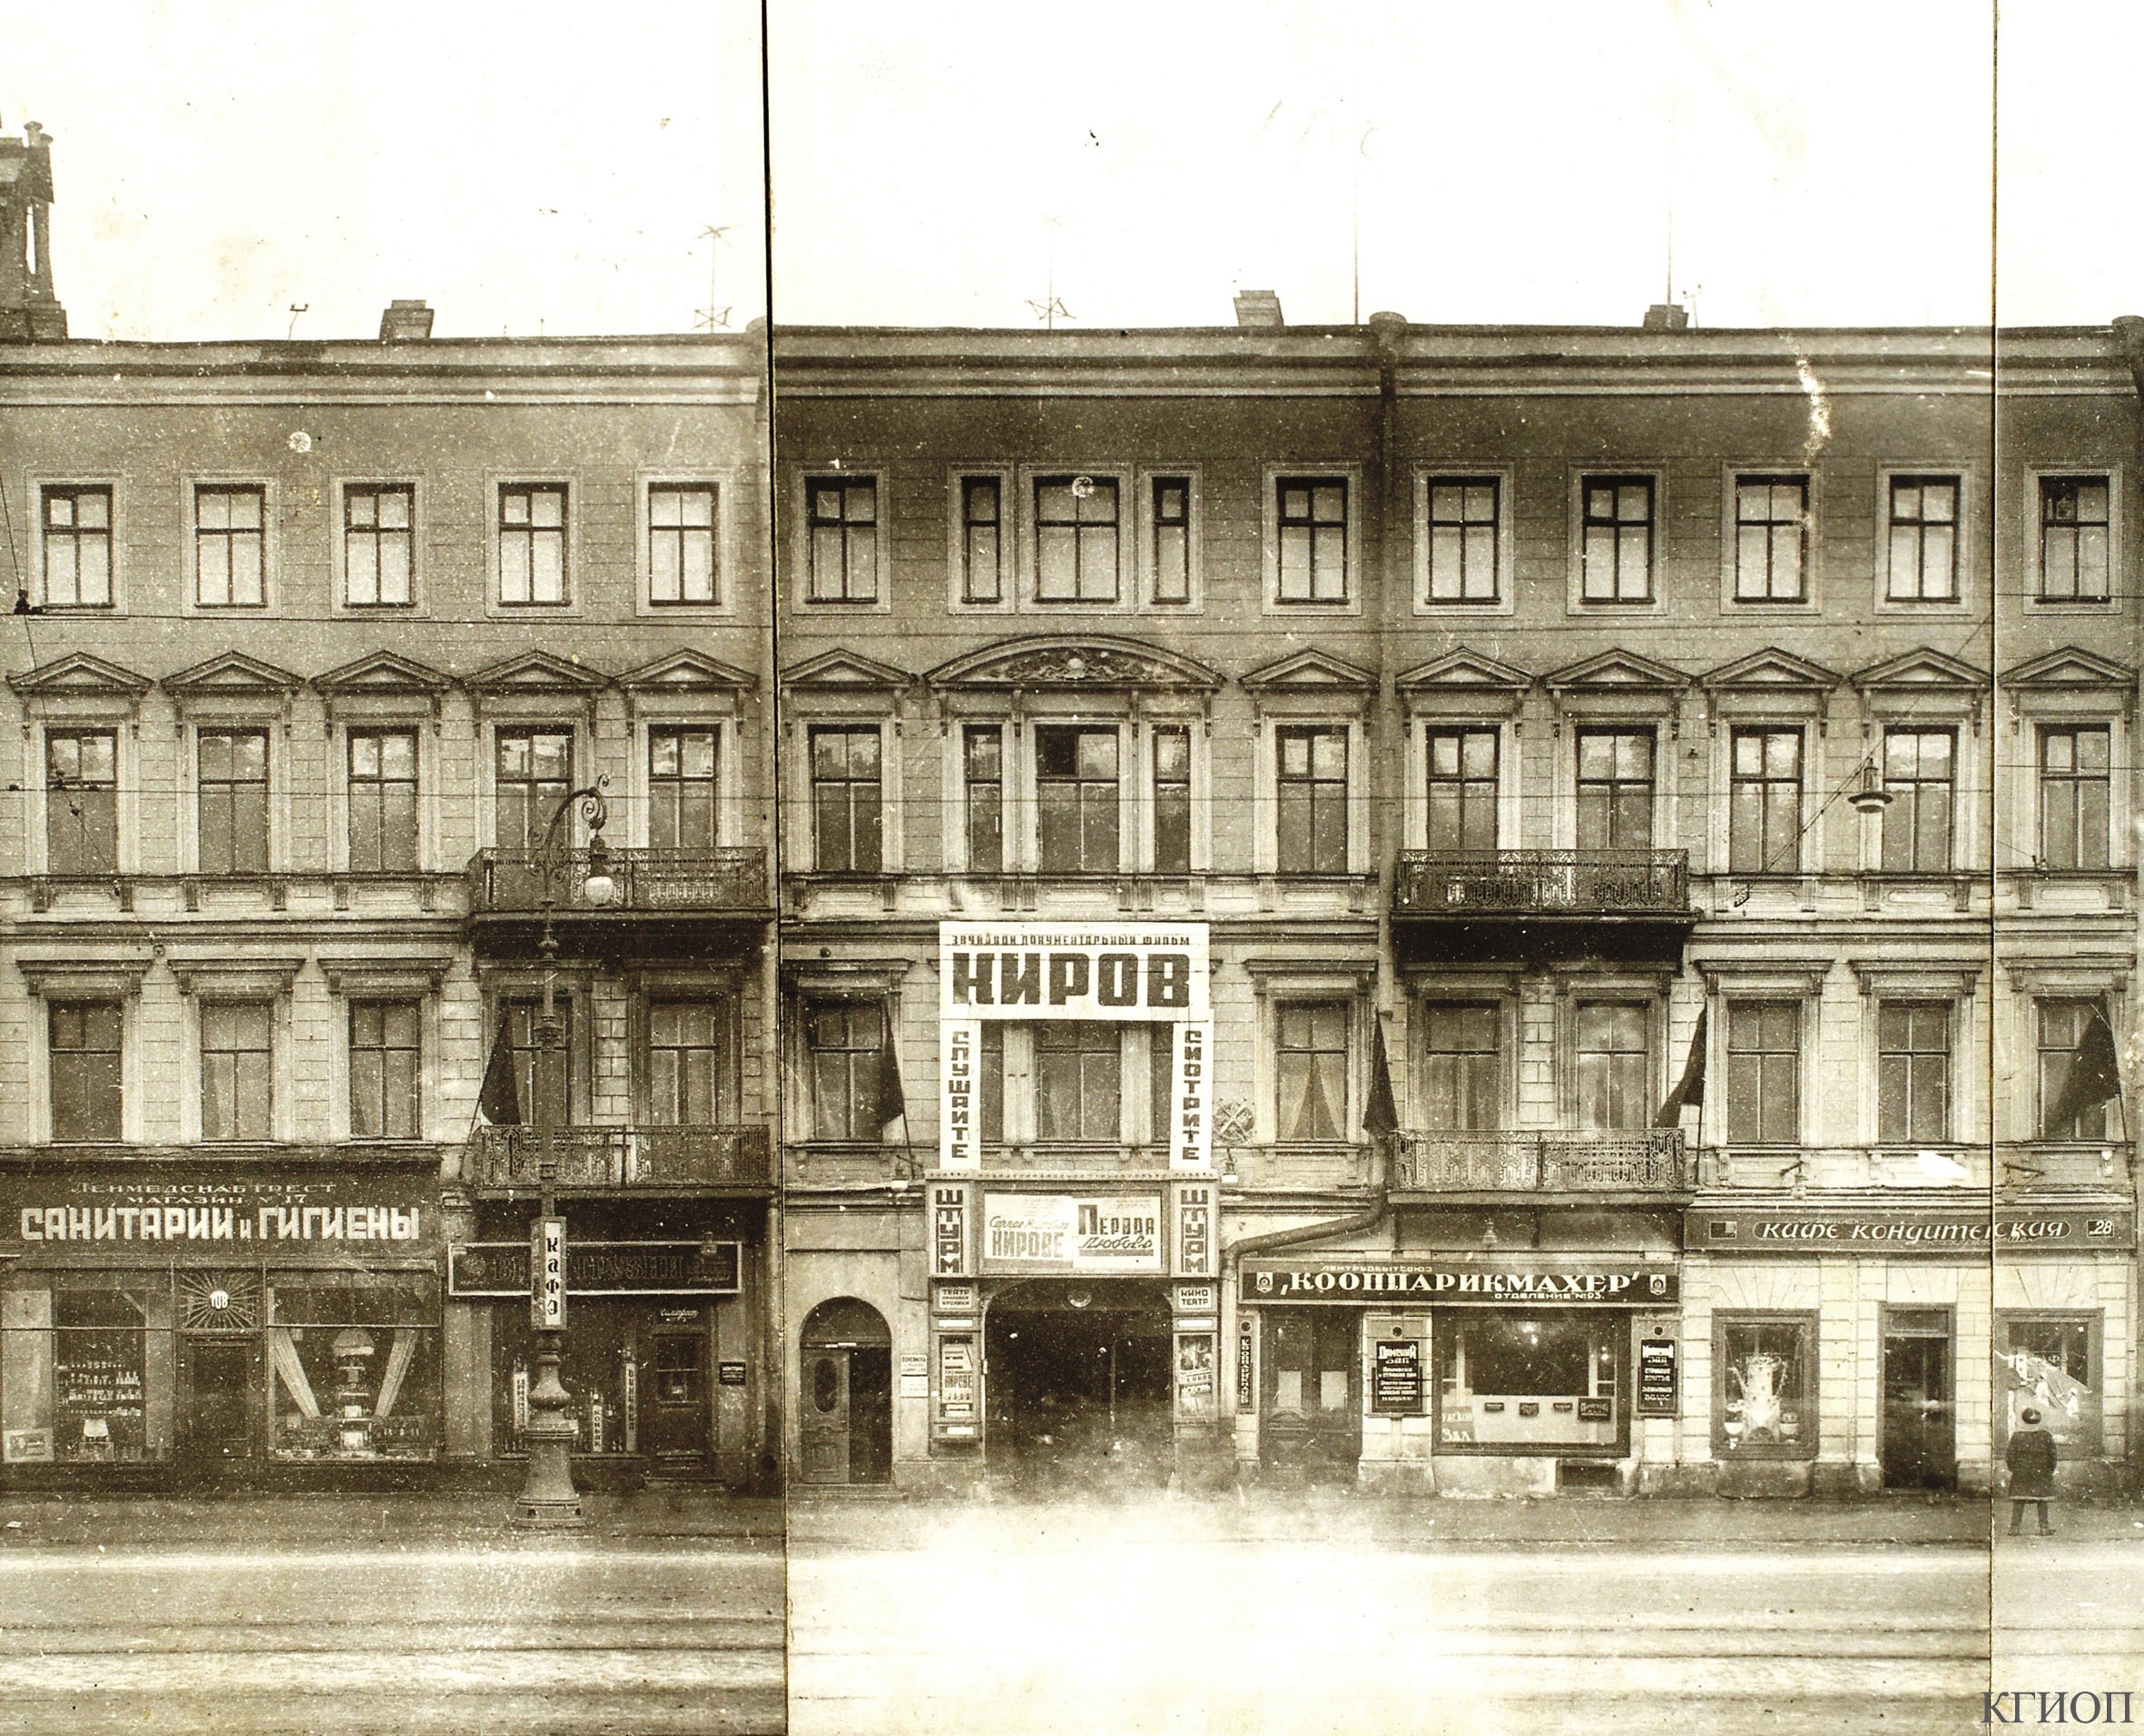 1935. Кинотеатр «Штурм». Невский пр., 108